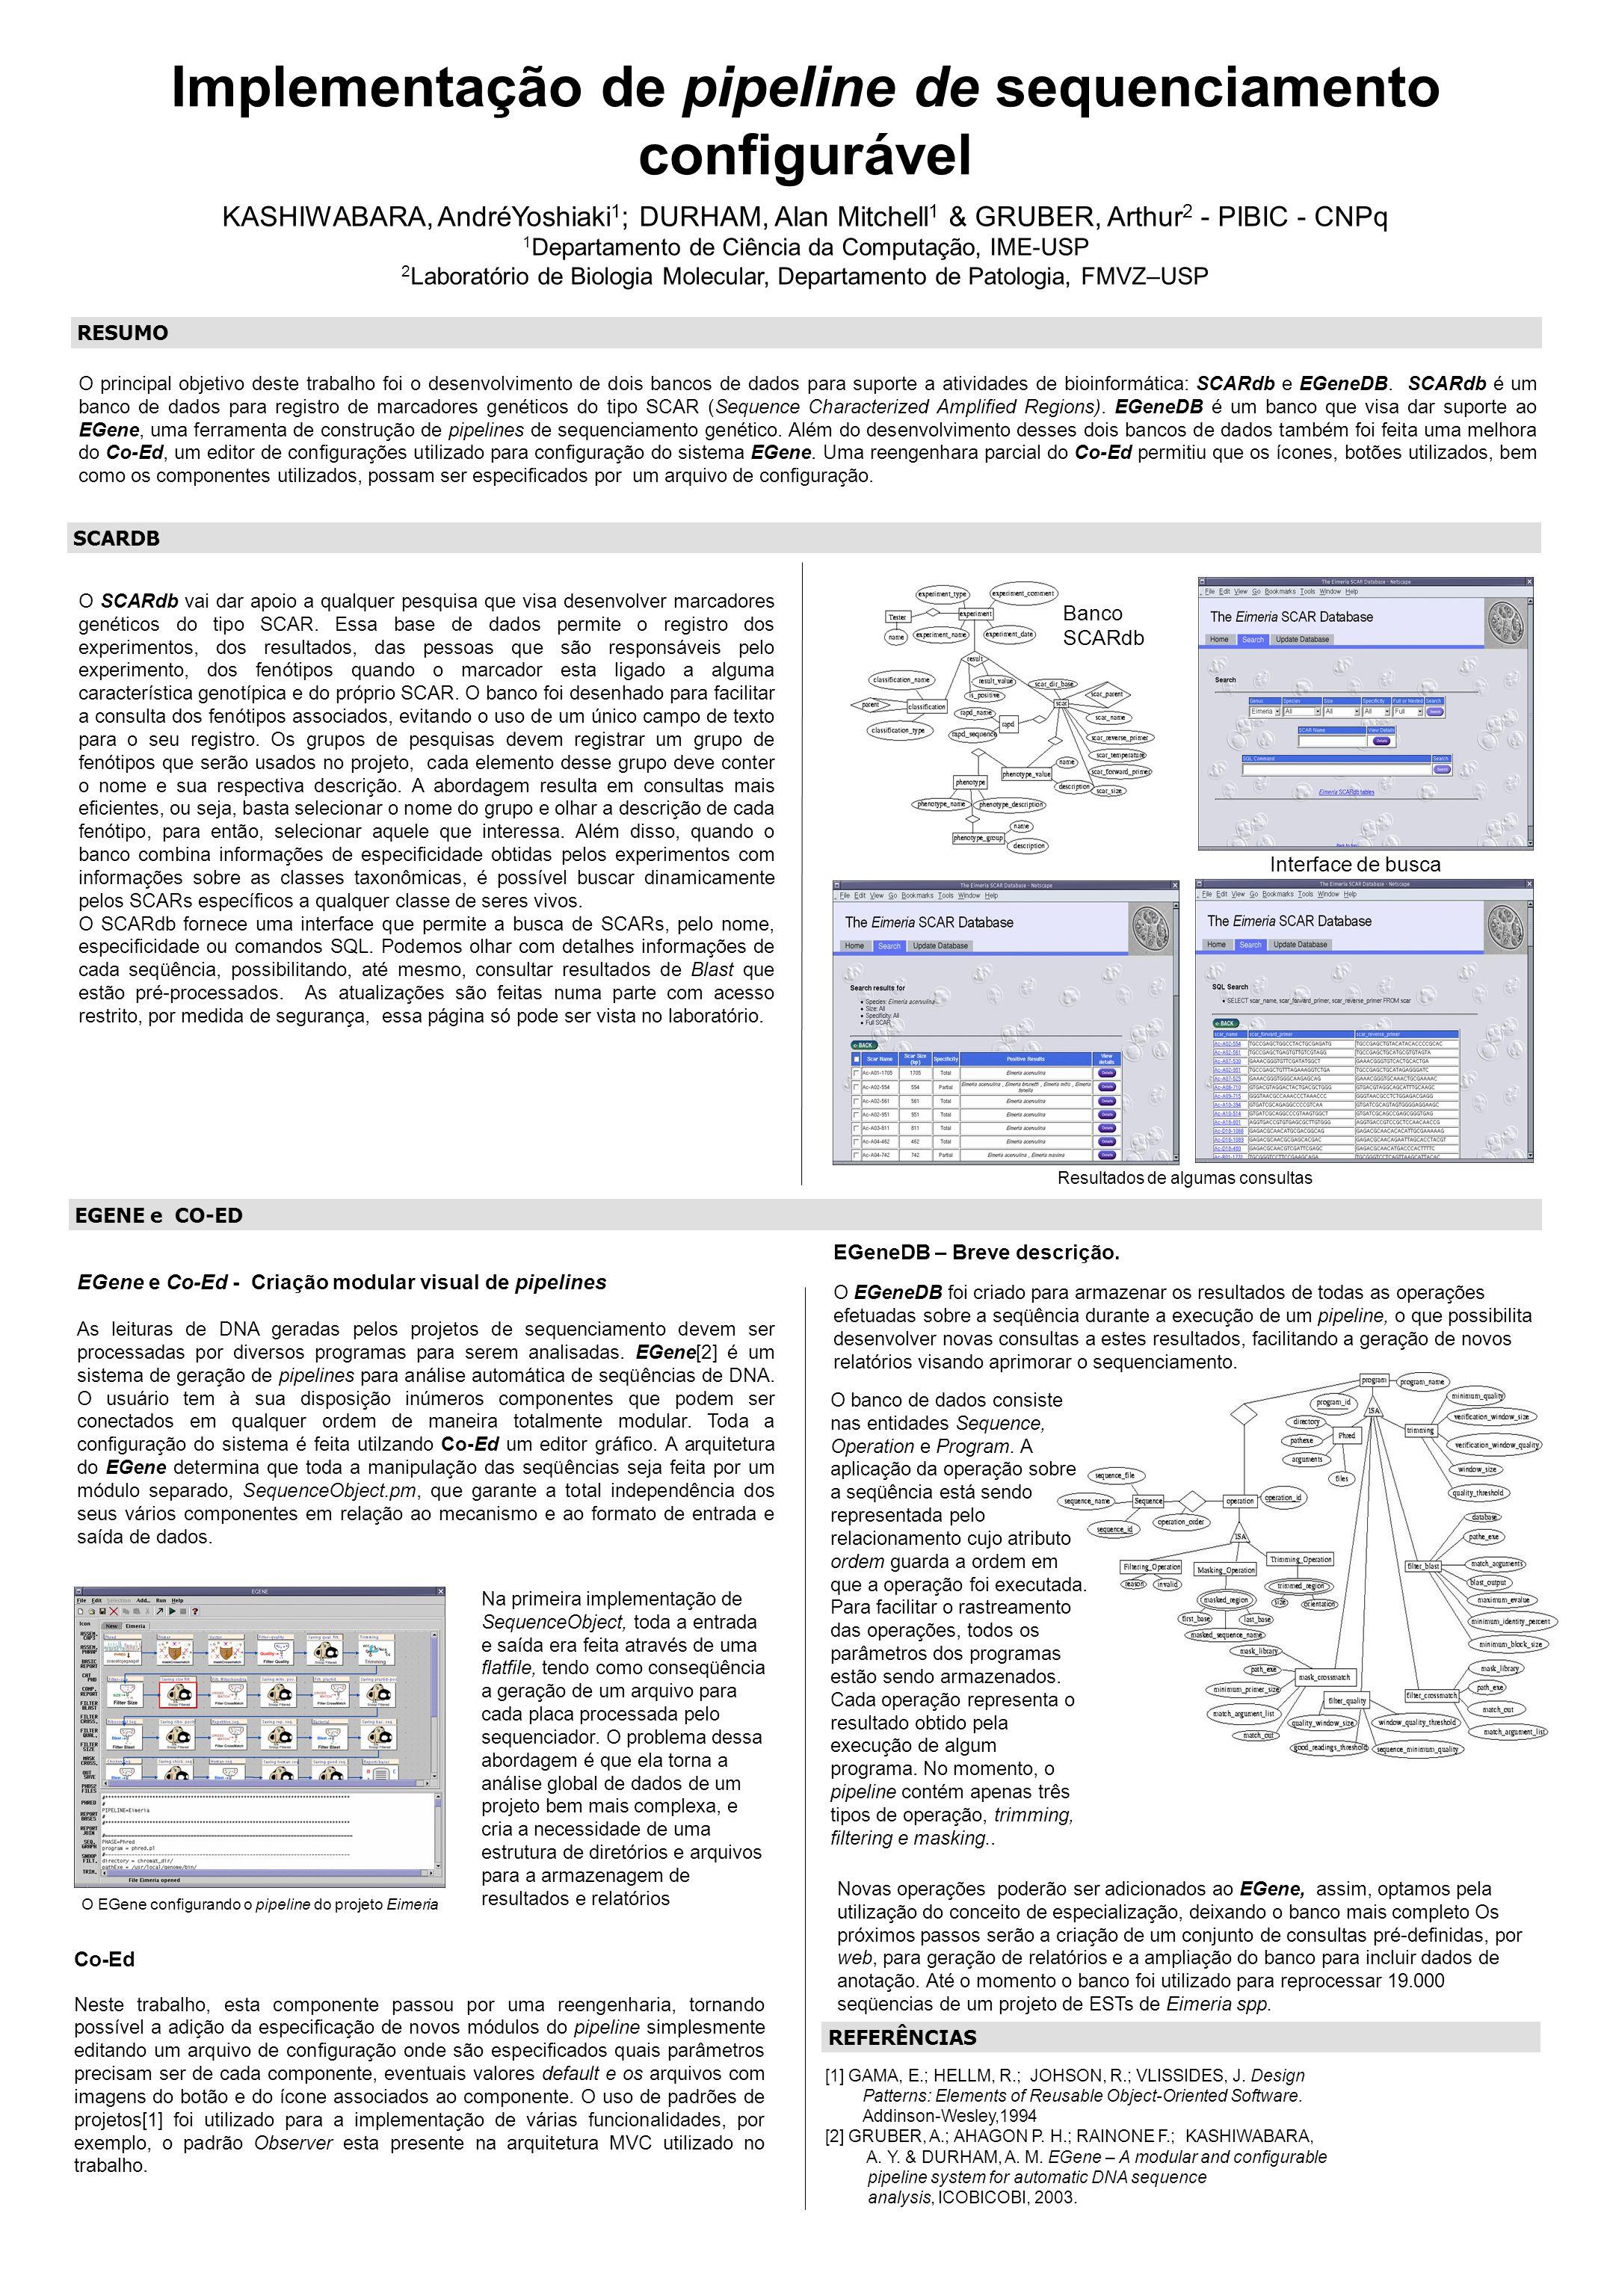 Implementação de pipeline de sequenciamento configurável